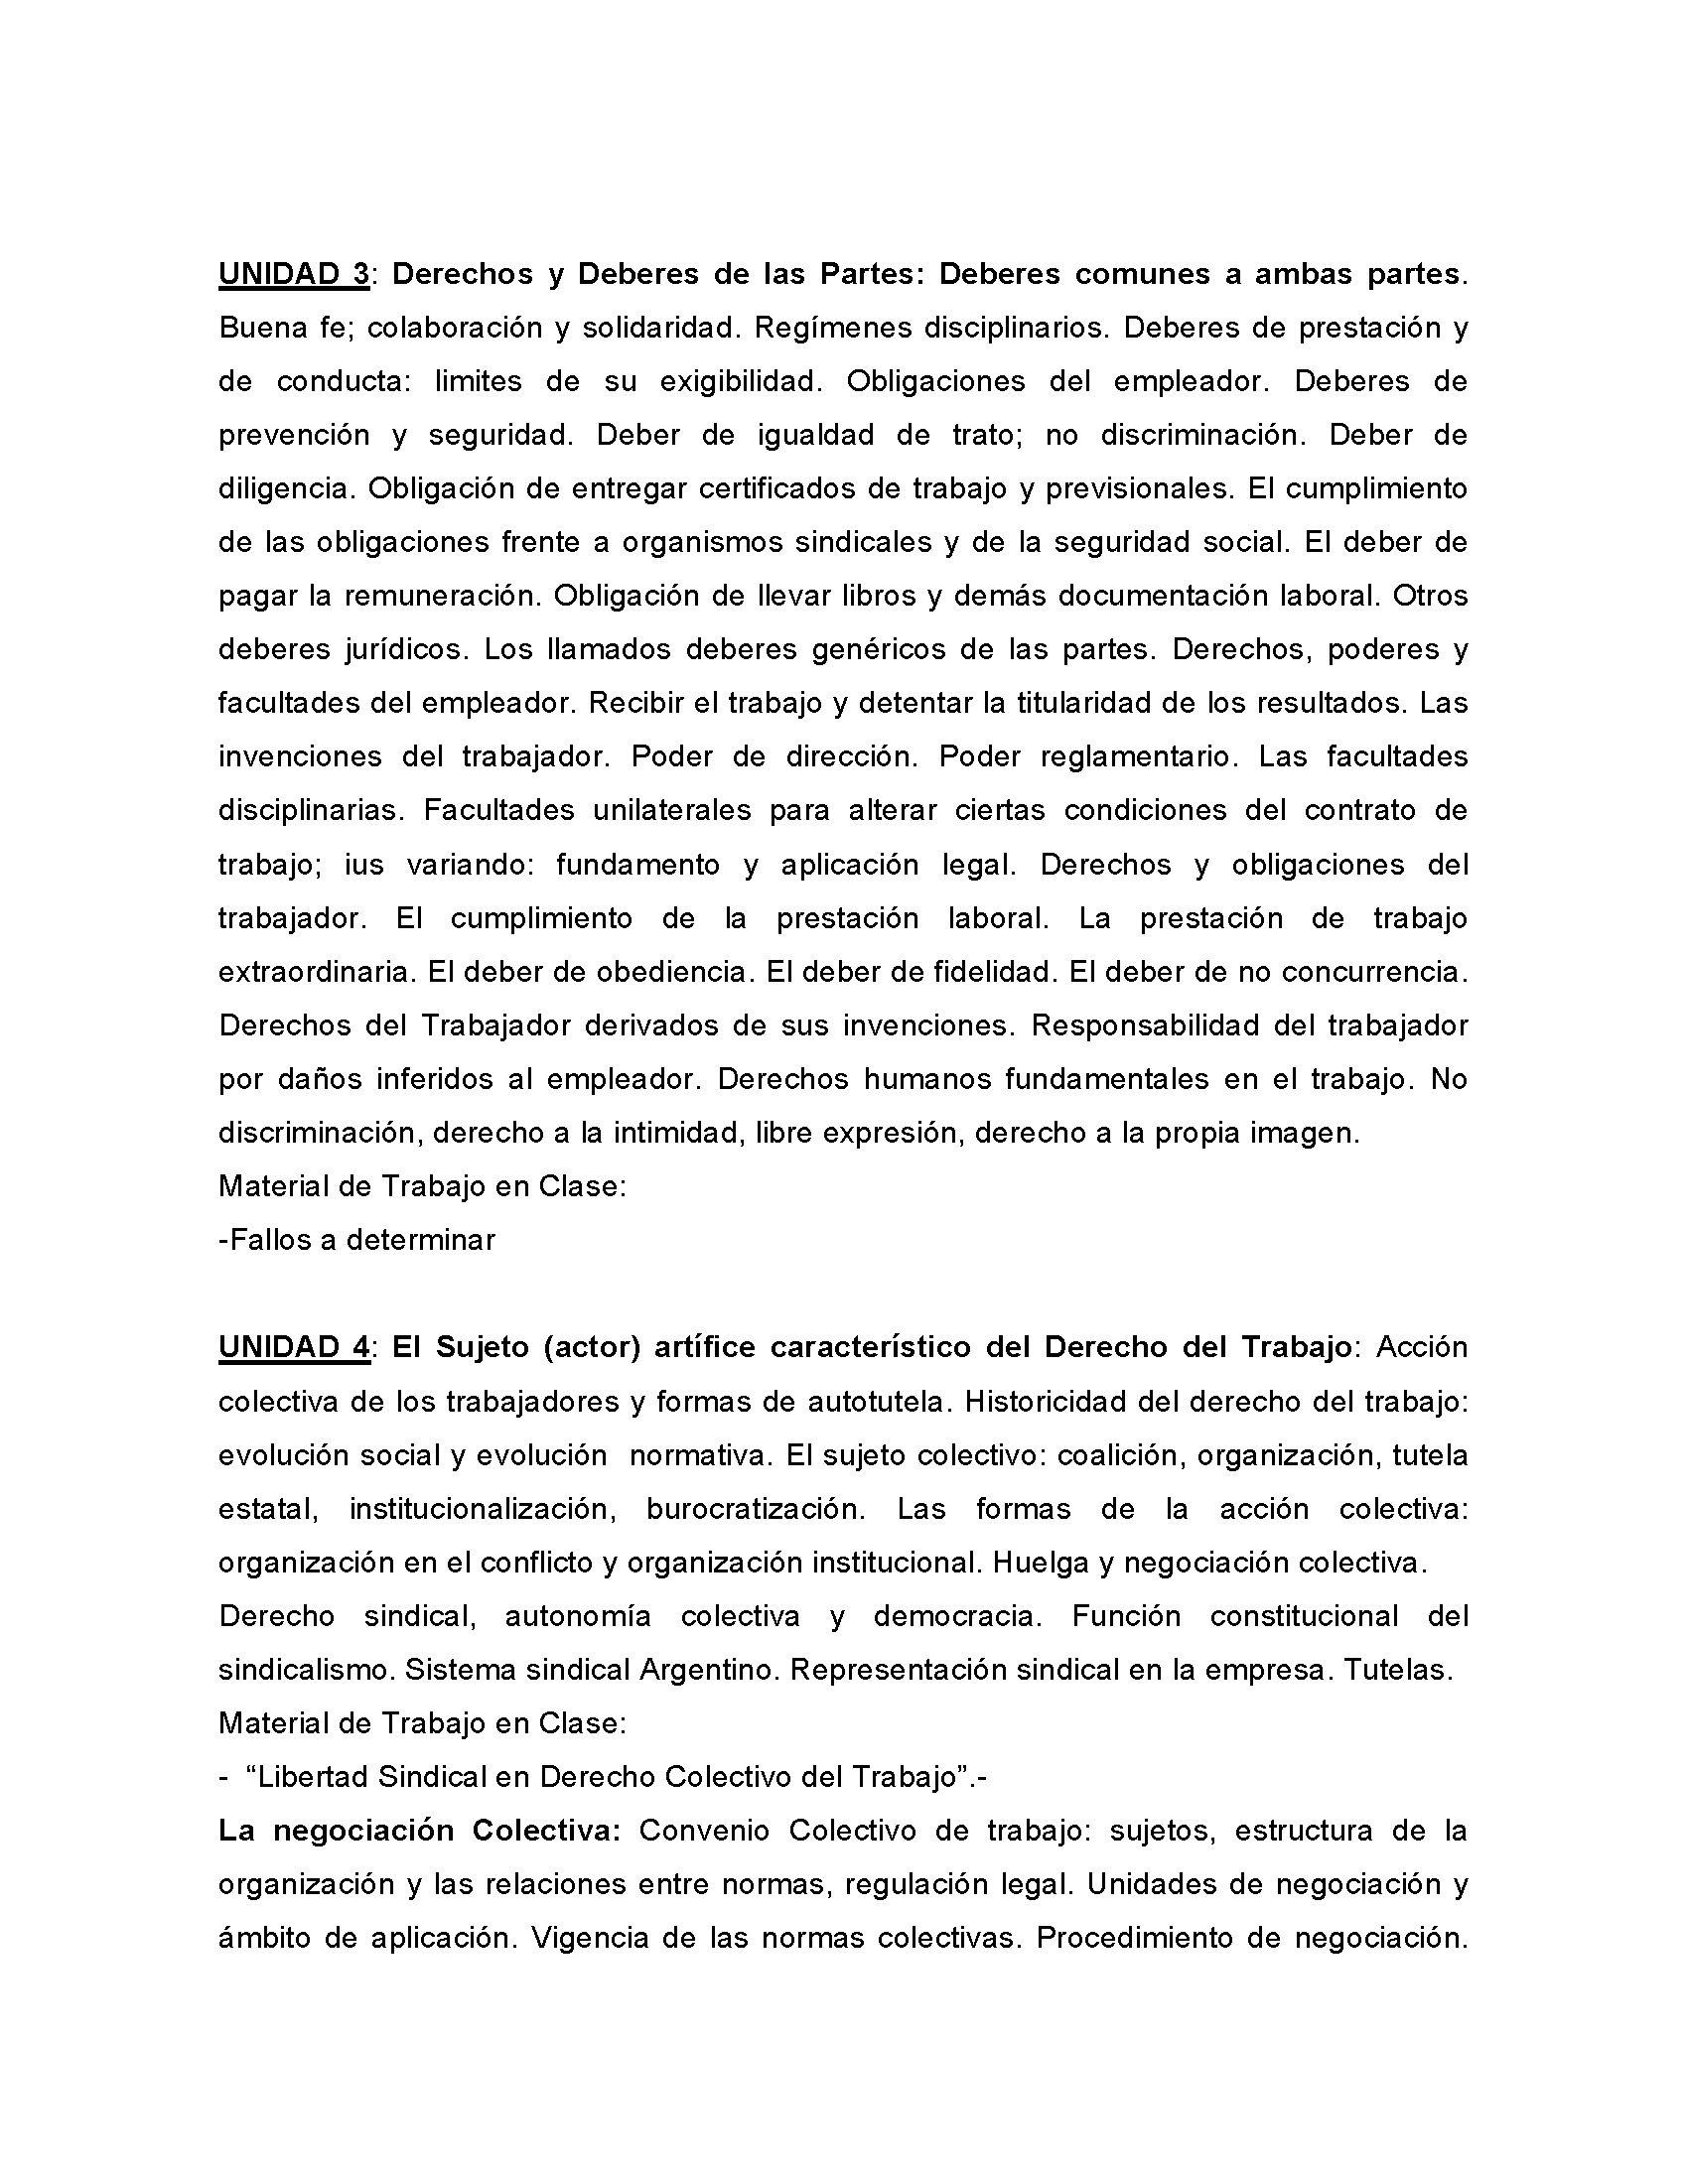 PROGRAMA DERECHO DEL TRABAJO_Page_2